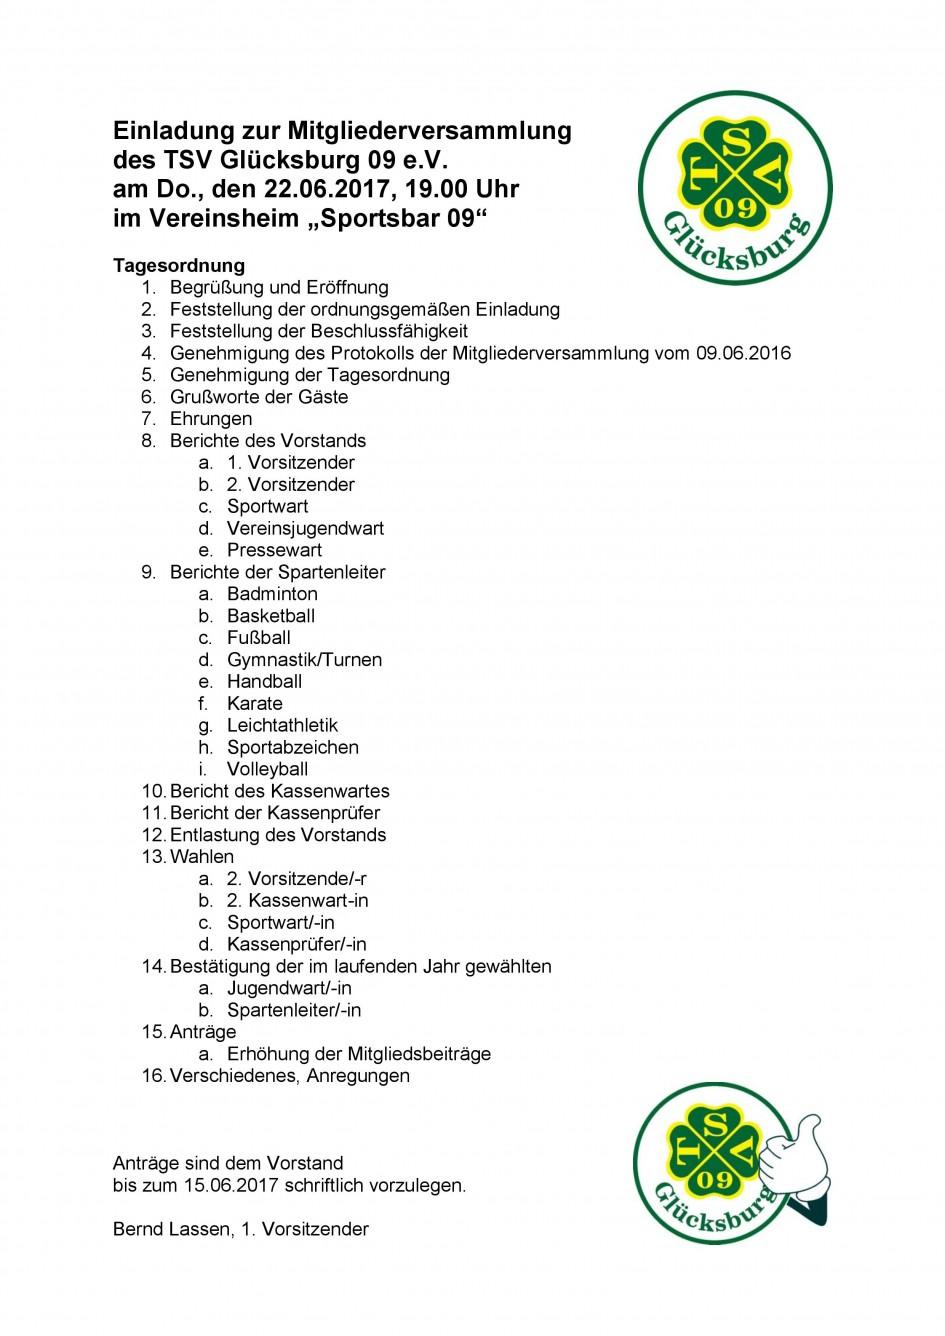 einladung mitgliederversammlung 2017 | tsv glücksburg 09 e.v., Einladung